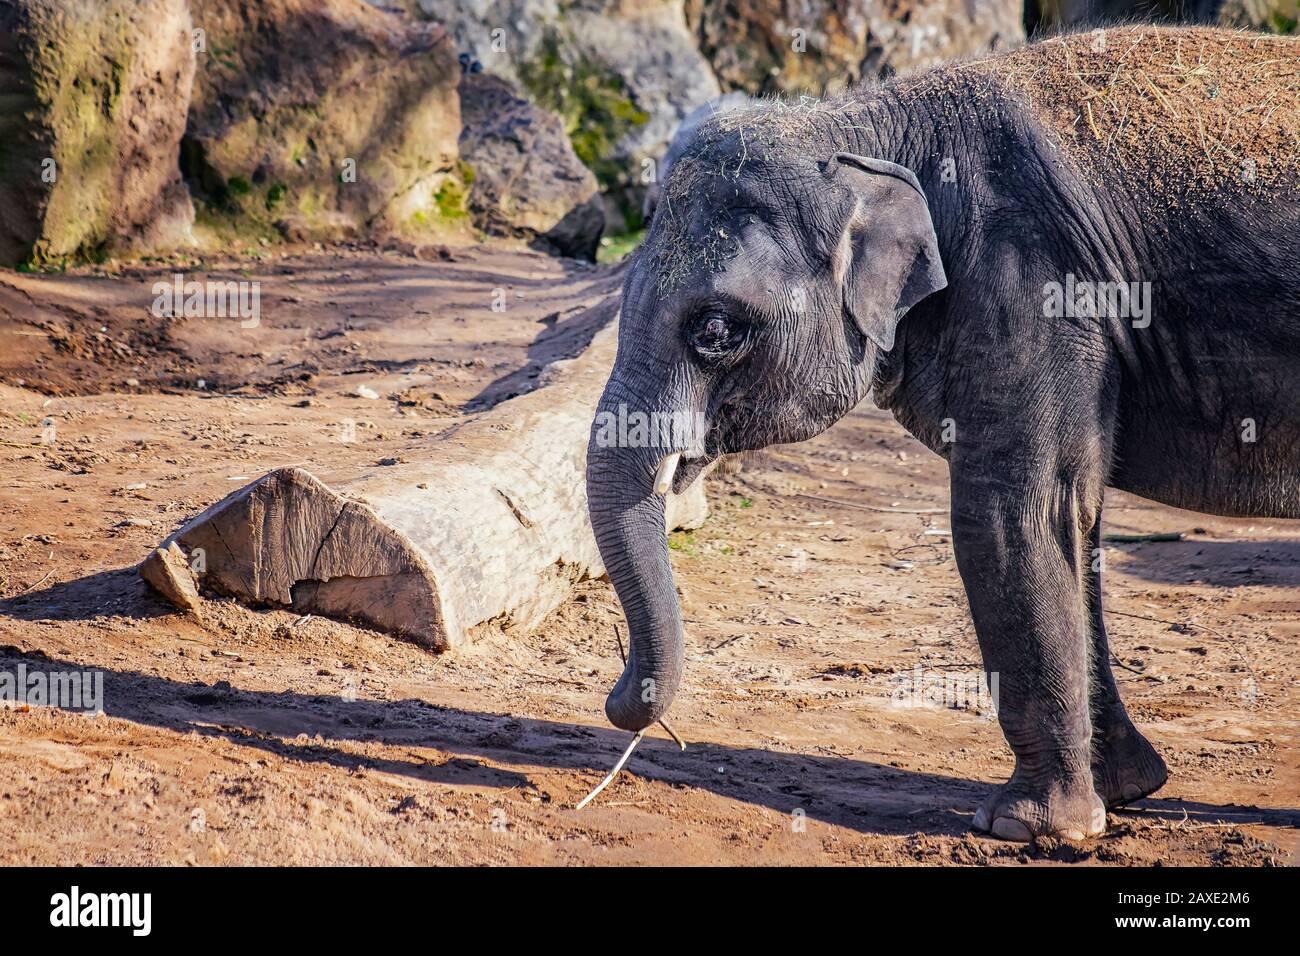 Nahaufnahme des niedlichen Baby-Elefanten. Der asiatische Elefant, auch asiatischer Elefant genannt. Trunk hält einen Ast und isst ihn. Die Art ist verbreitet Stockfoto